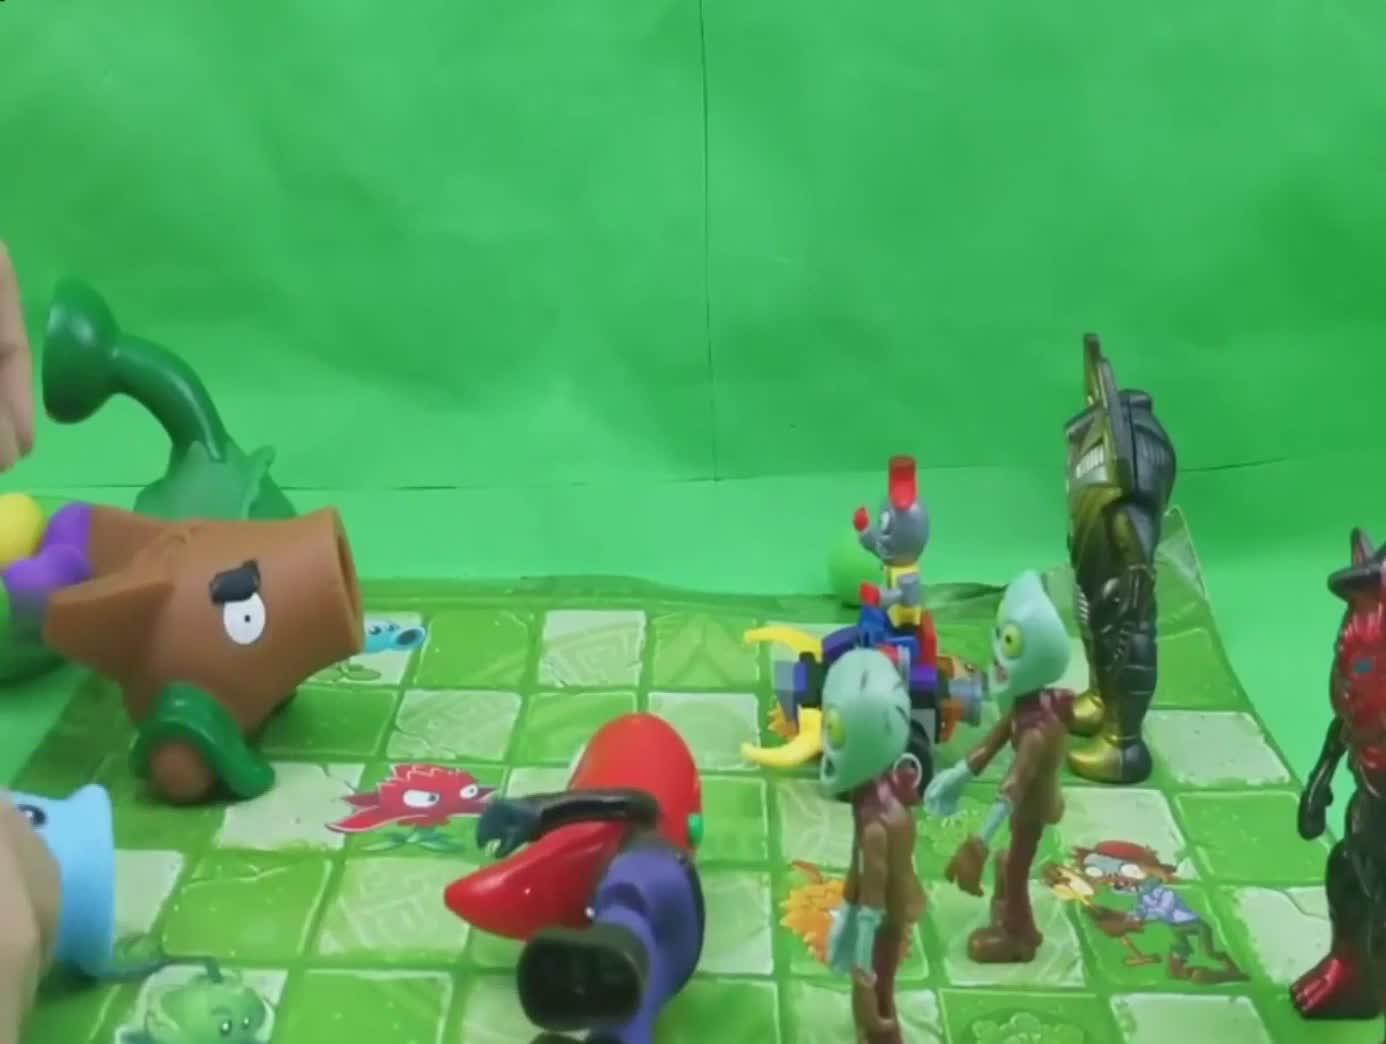 超级飞侠3植物大战僵尸2海底小纵队儿童玩具 早教 益智 玩具 动画